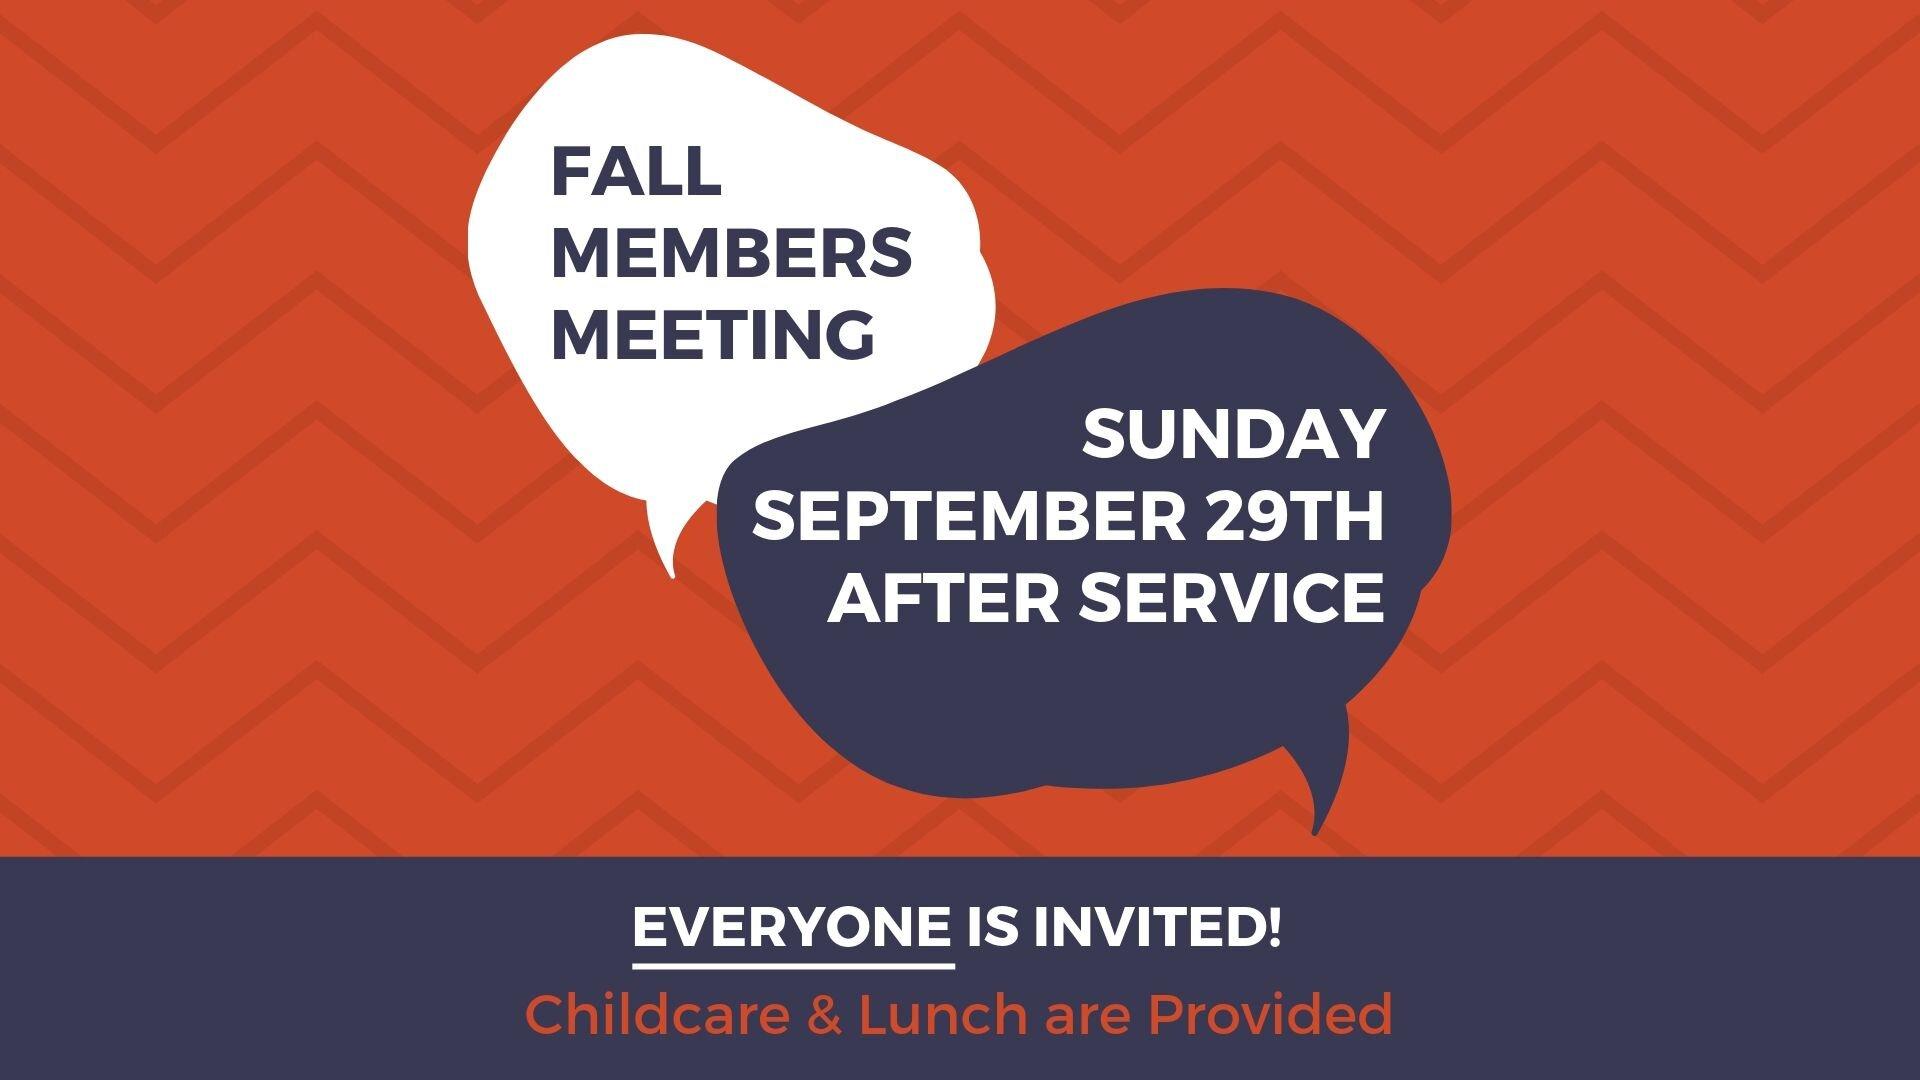 Members Meeting Fall 2019.jpg